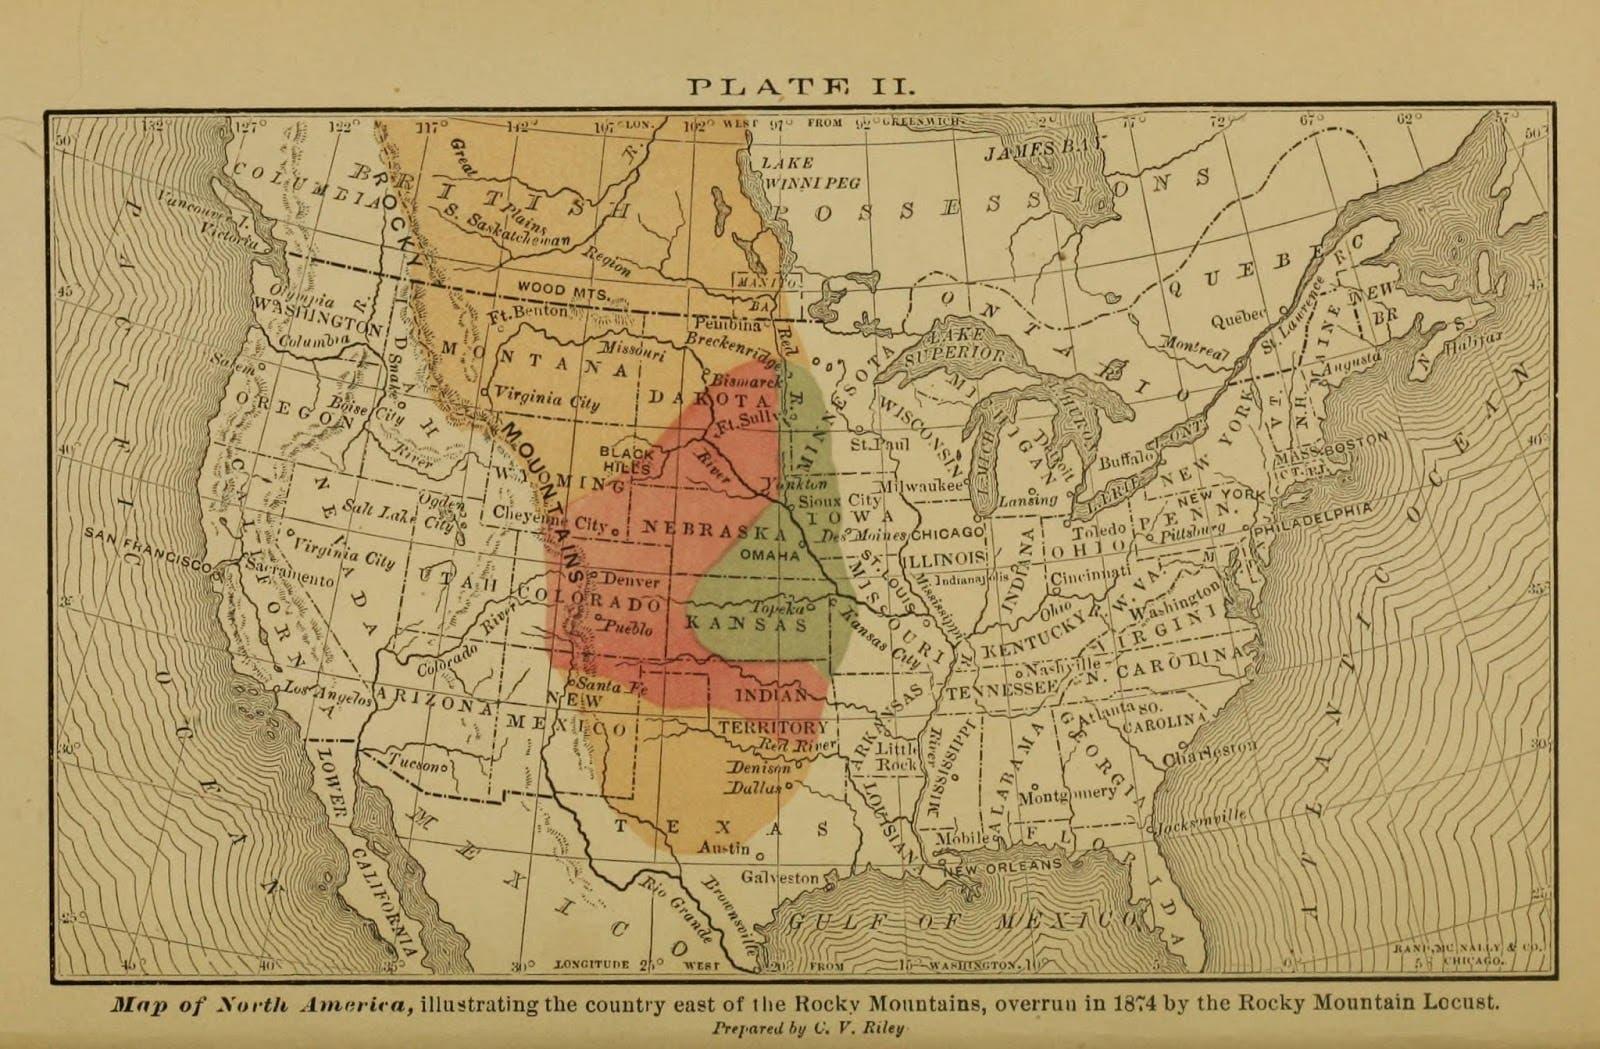 خريطة تجسد المناطق المتضررة من السهول الكبرى الأميركية على إثر كارثة عام الجراد